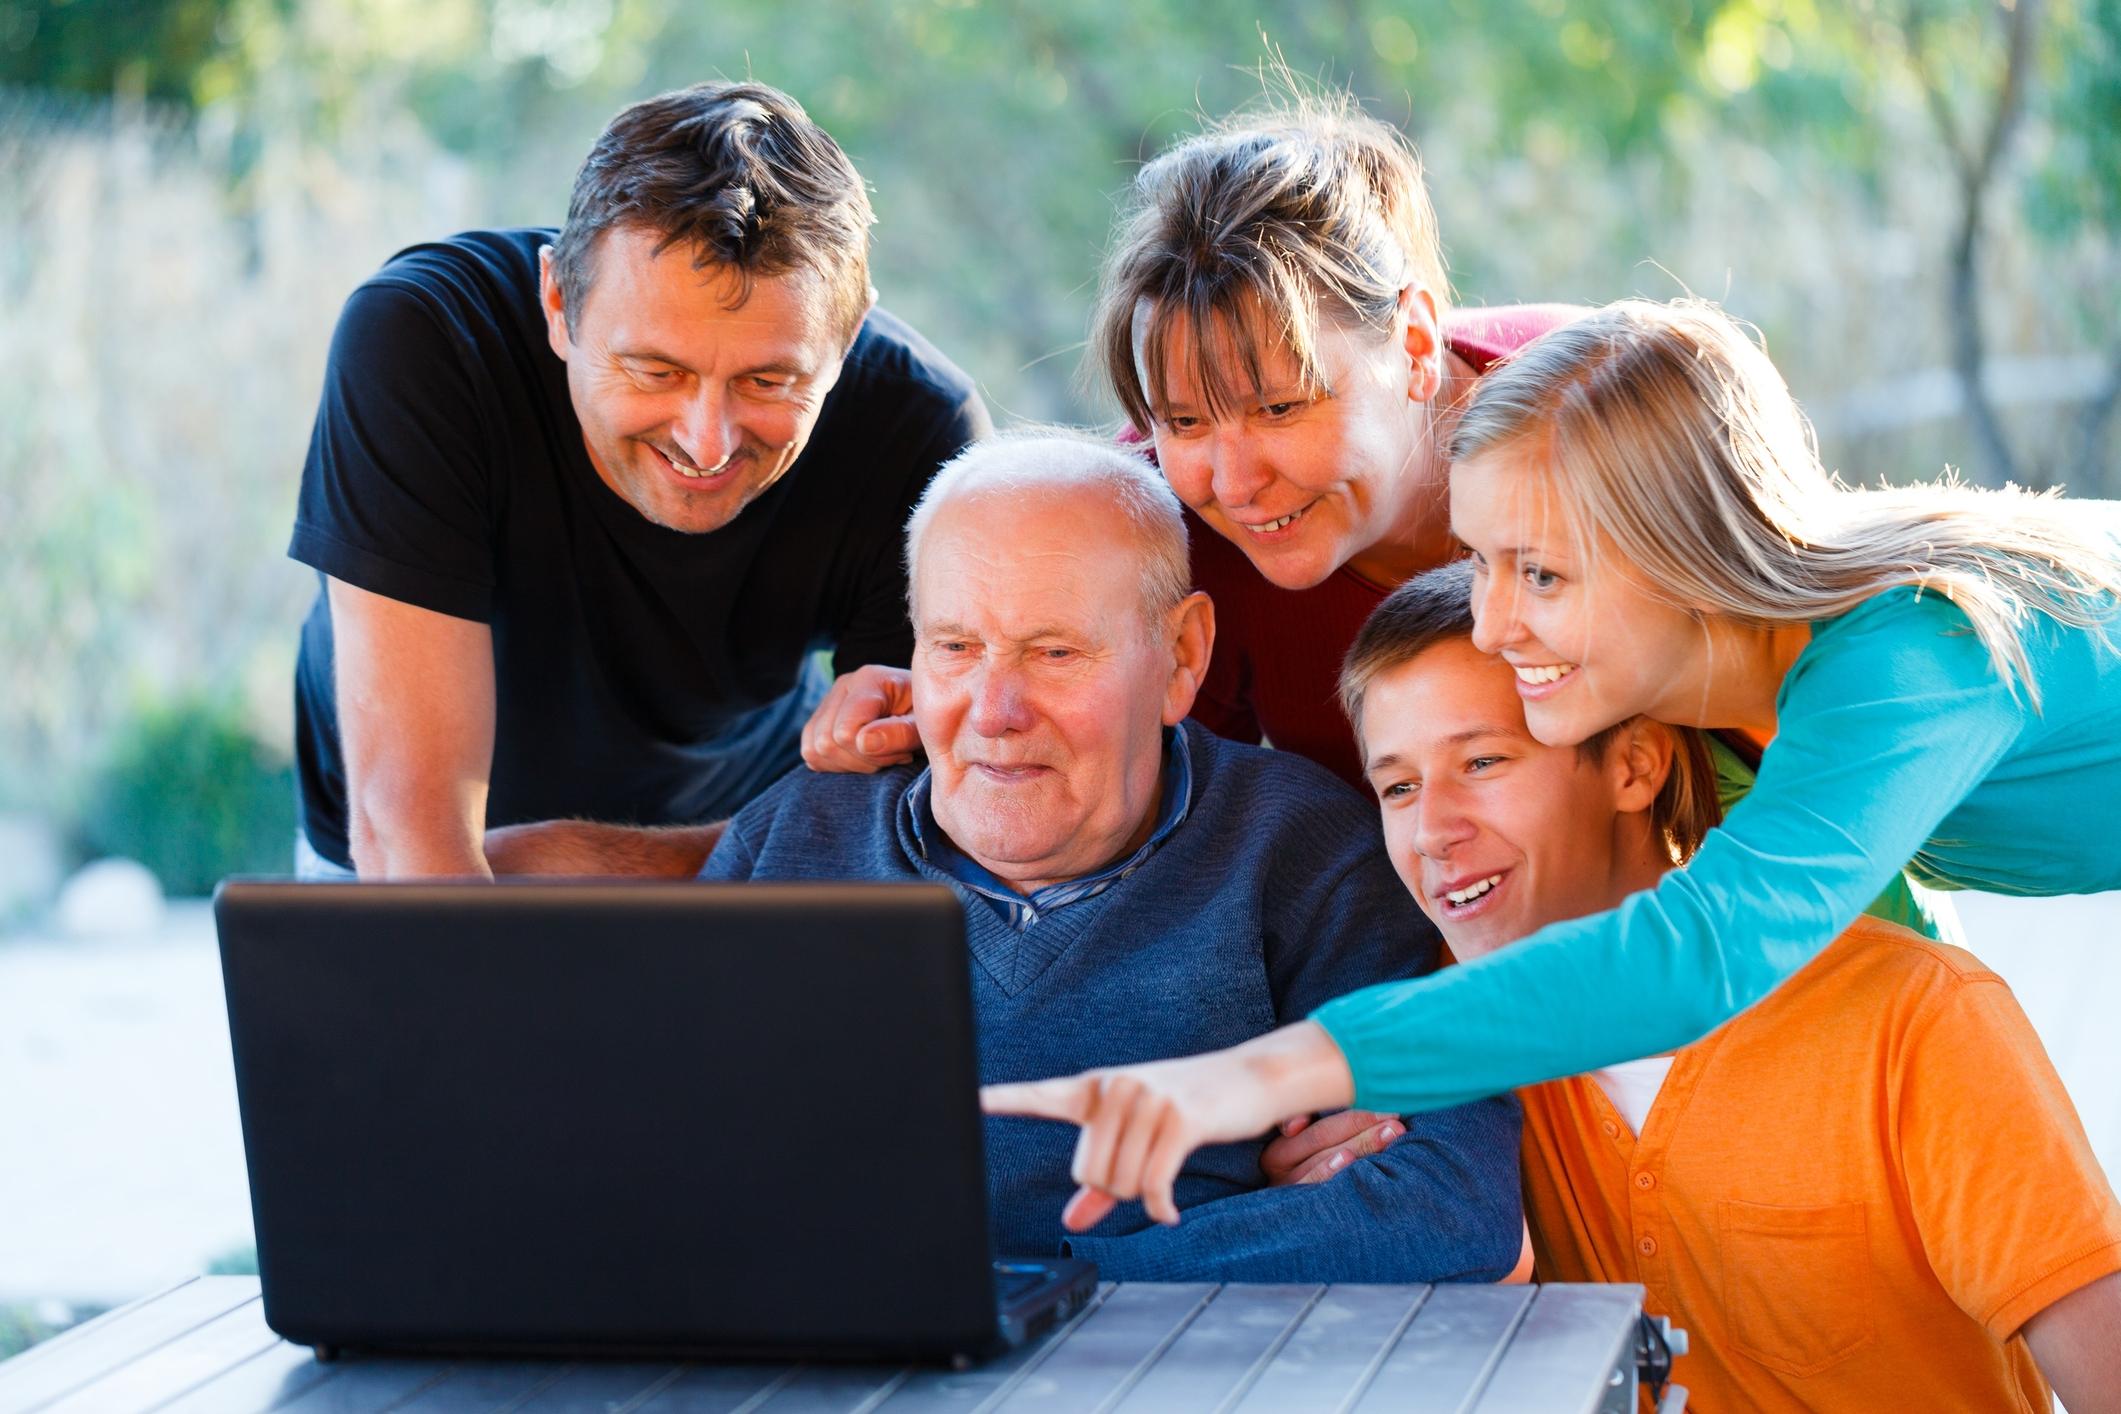 family computer 33953412.jpg